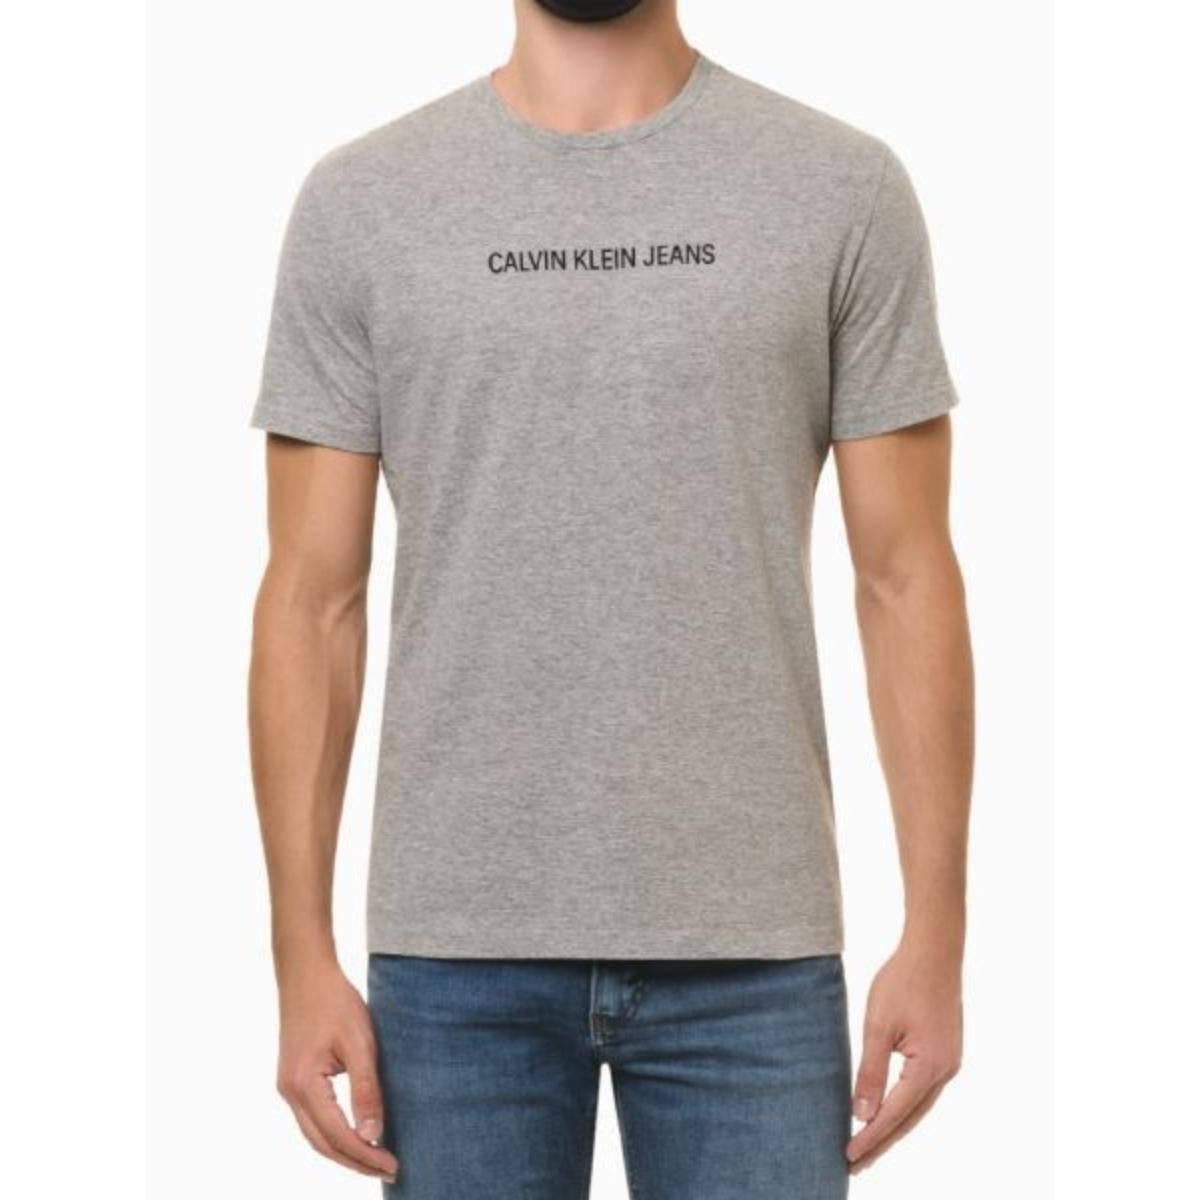 Camiseta Masculina Calvin Klein Ckjm106 Mescla